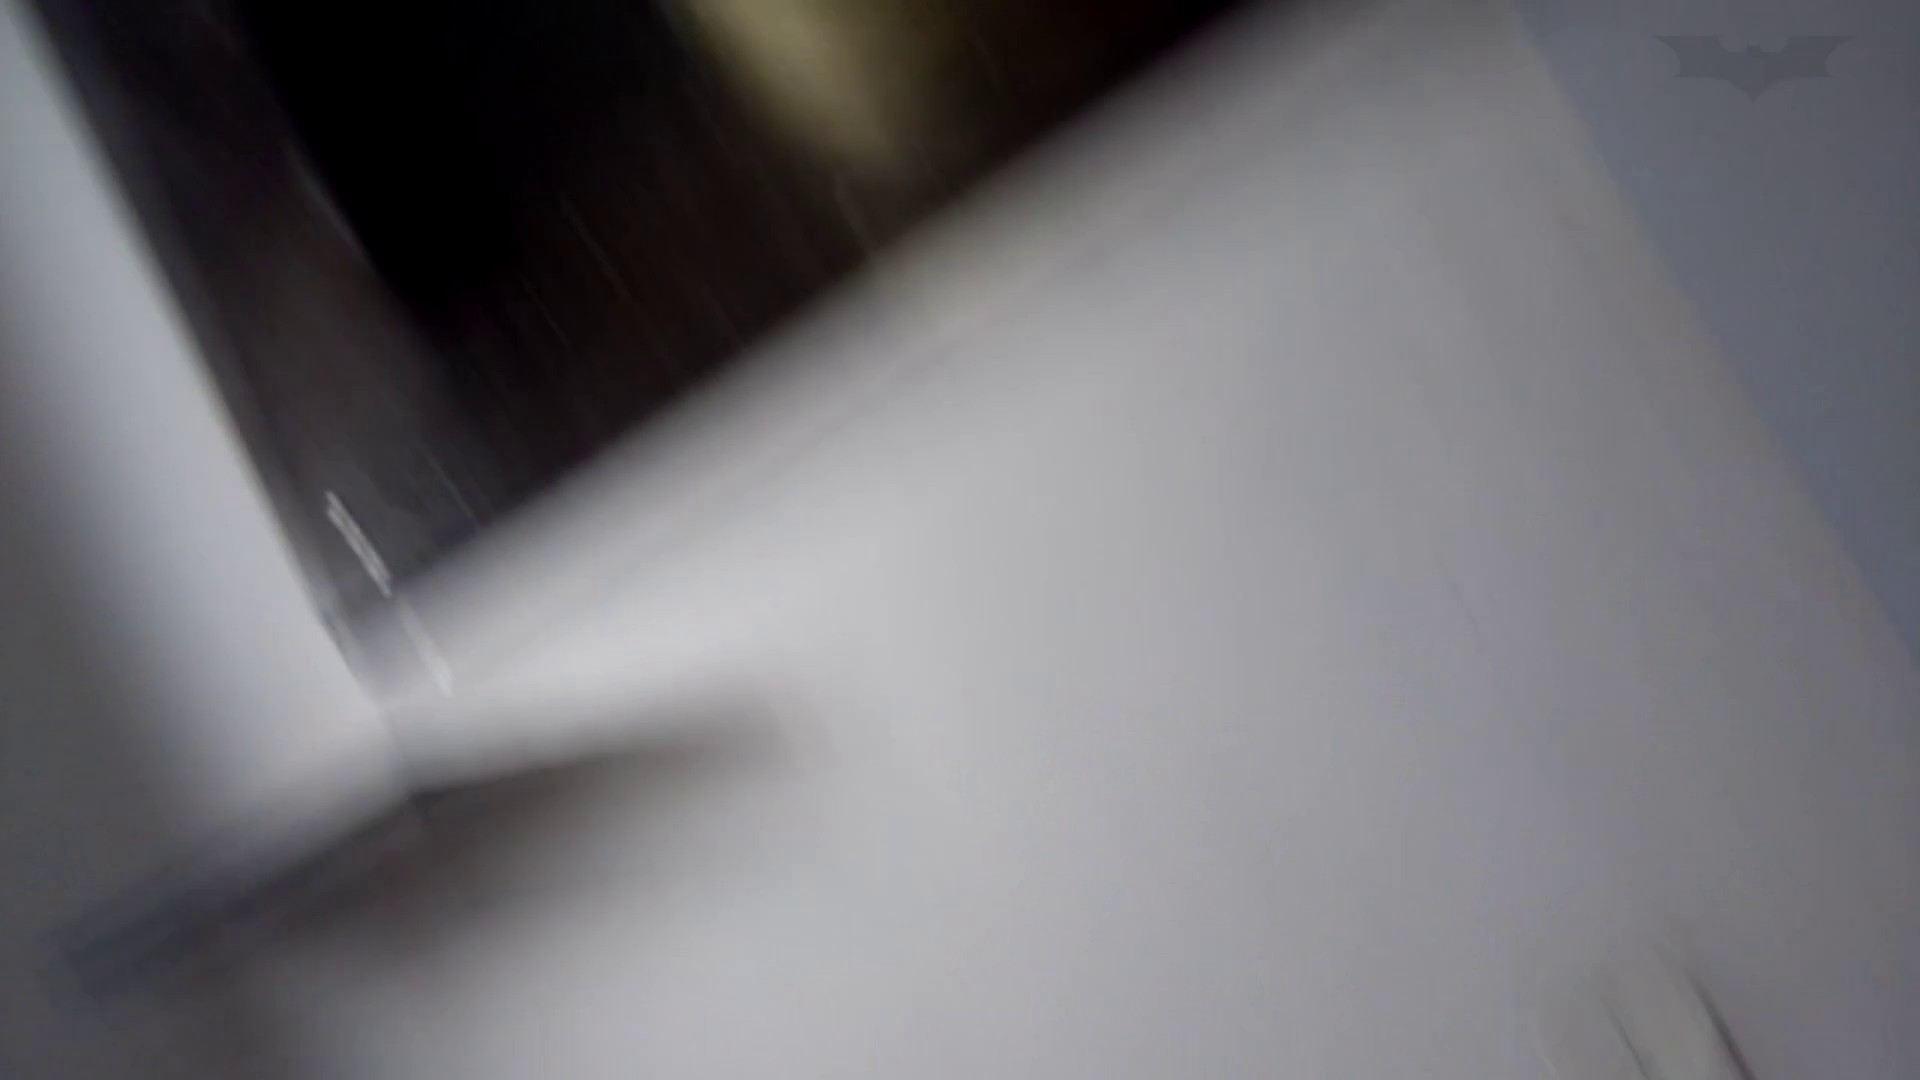 芸術大学ガチ潜入盗撮 JD盗撮 美女の洗面所の秘密 Vol.102 エロくん潜入  70連発 60